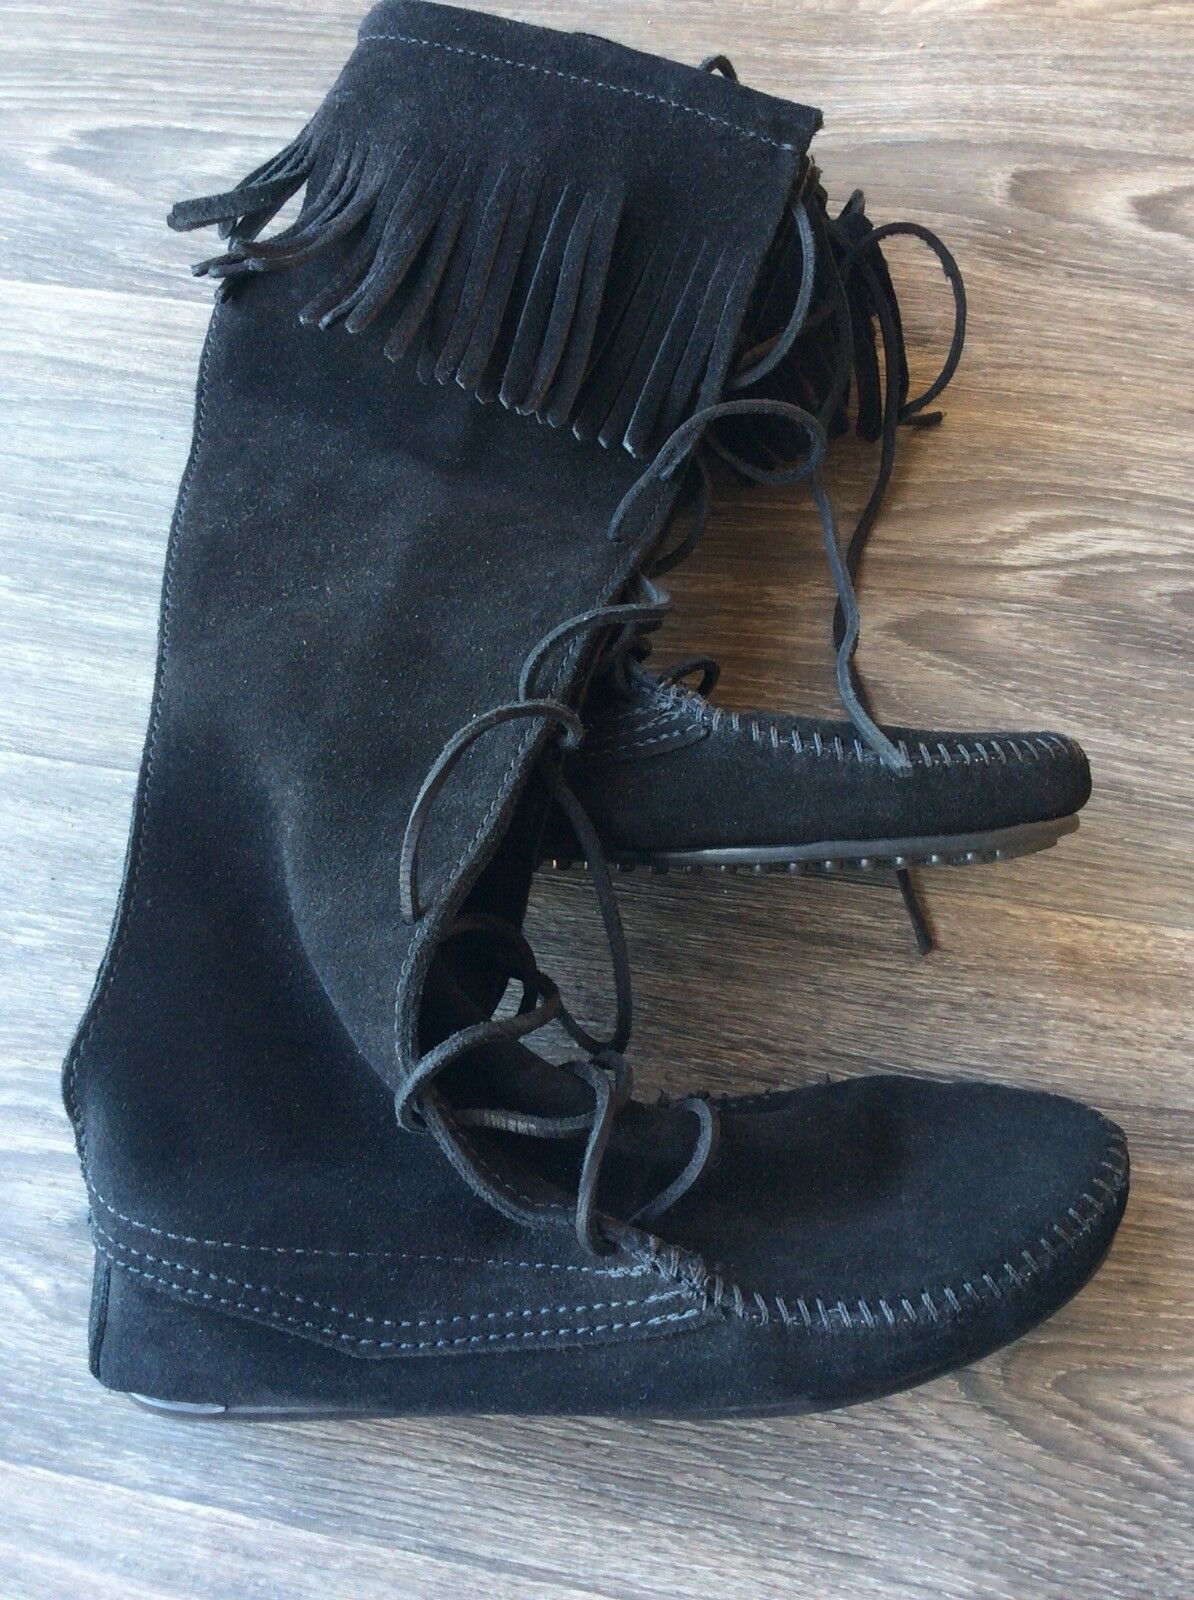 in vendita Minnetonka donna's Front Lace Knee High avvio nero Dimensione Dimensione Dimensione 7  vendita con alto sconto